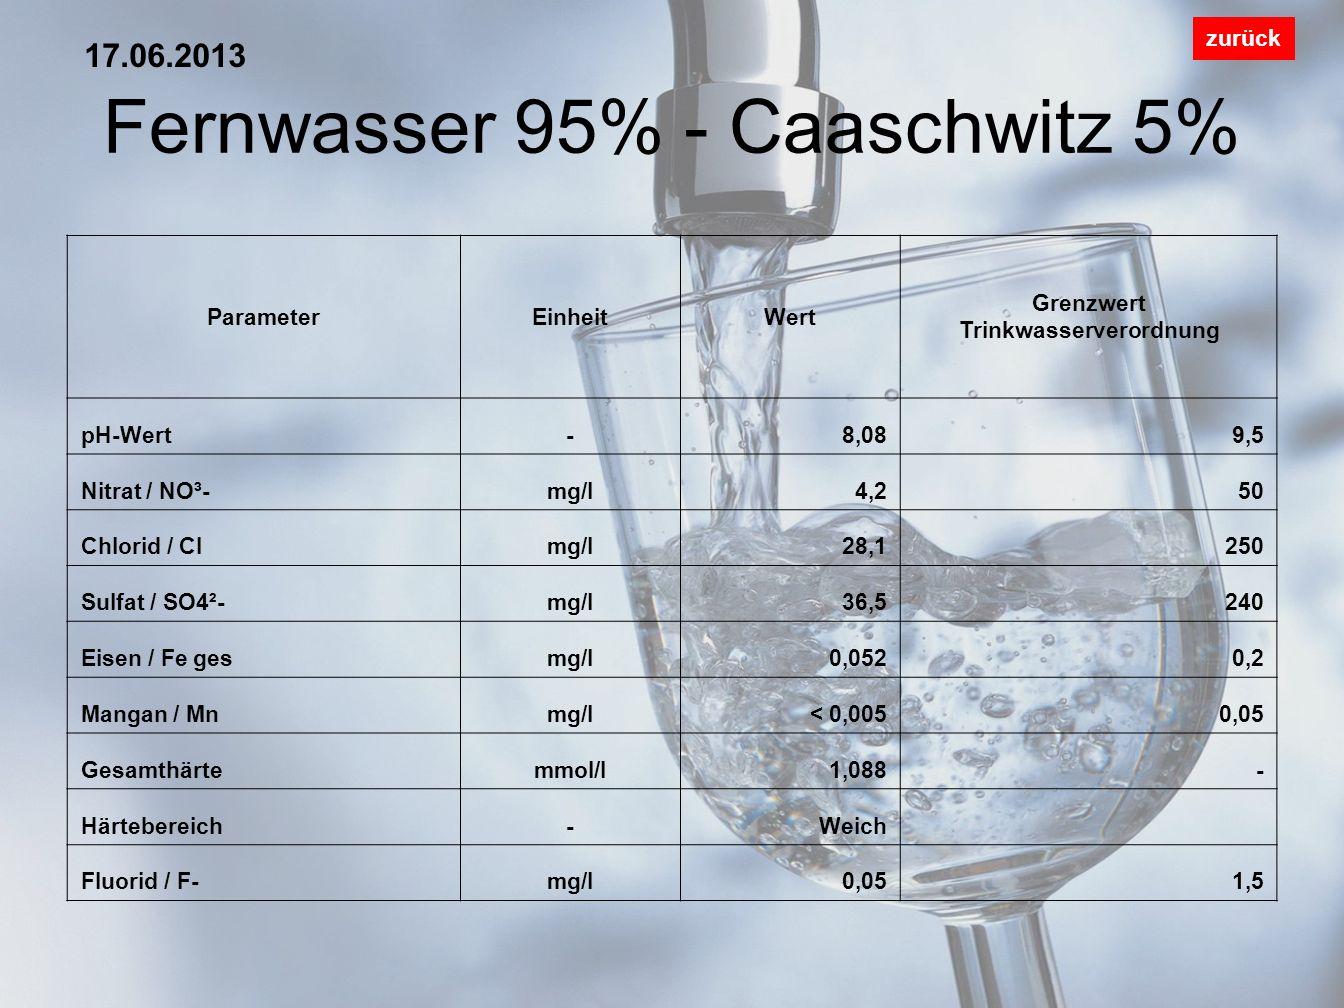 Fernwasser 95% - Caaschwitz 5% zurück ParameterEinheitWert Grenzwert Trinkwasserverordnung pH-Wert-8,089,5 Nitrat / NO³-mg/l4,250 Chlorid / Clmg/l28,1